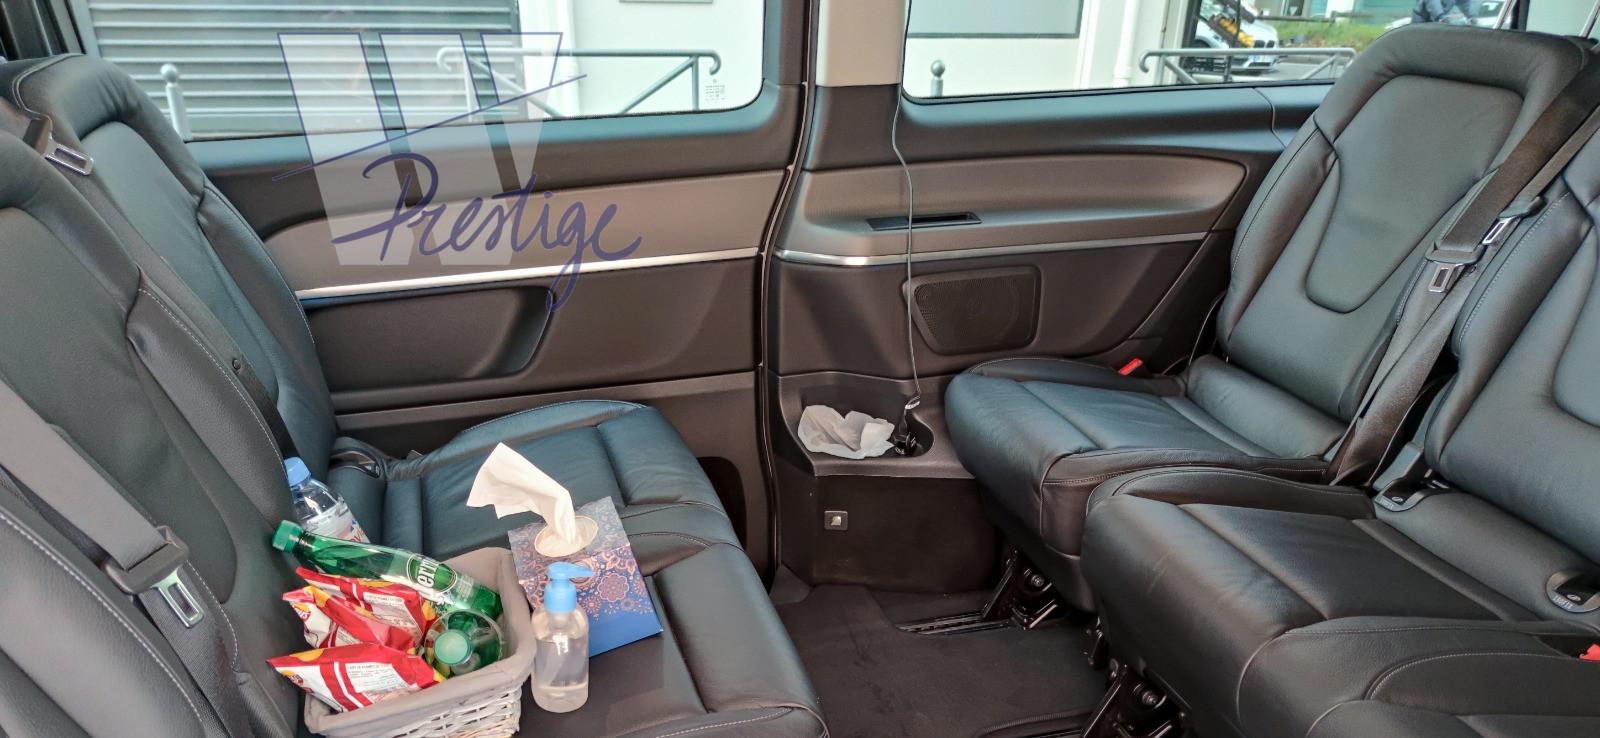 Pourquoi engager un chauffeur privé - chauffeur privé à lyon ?